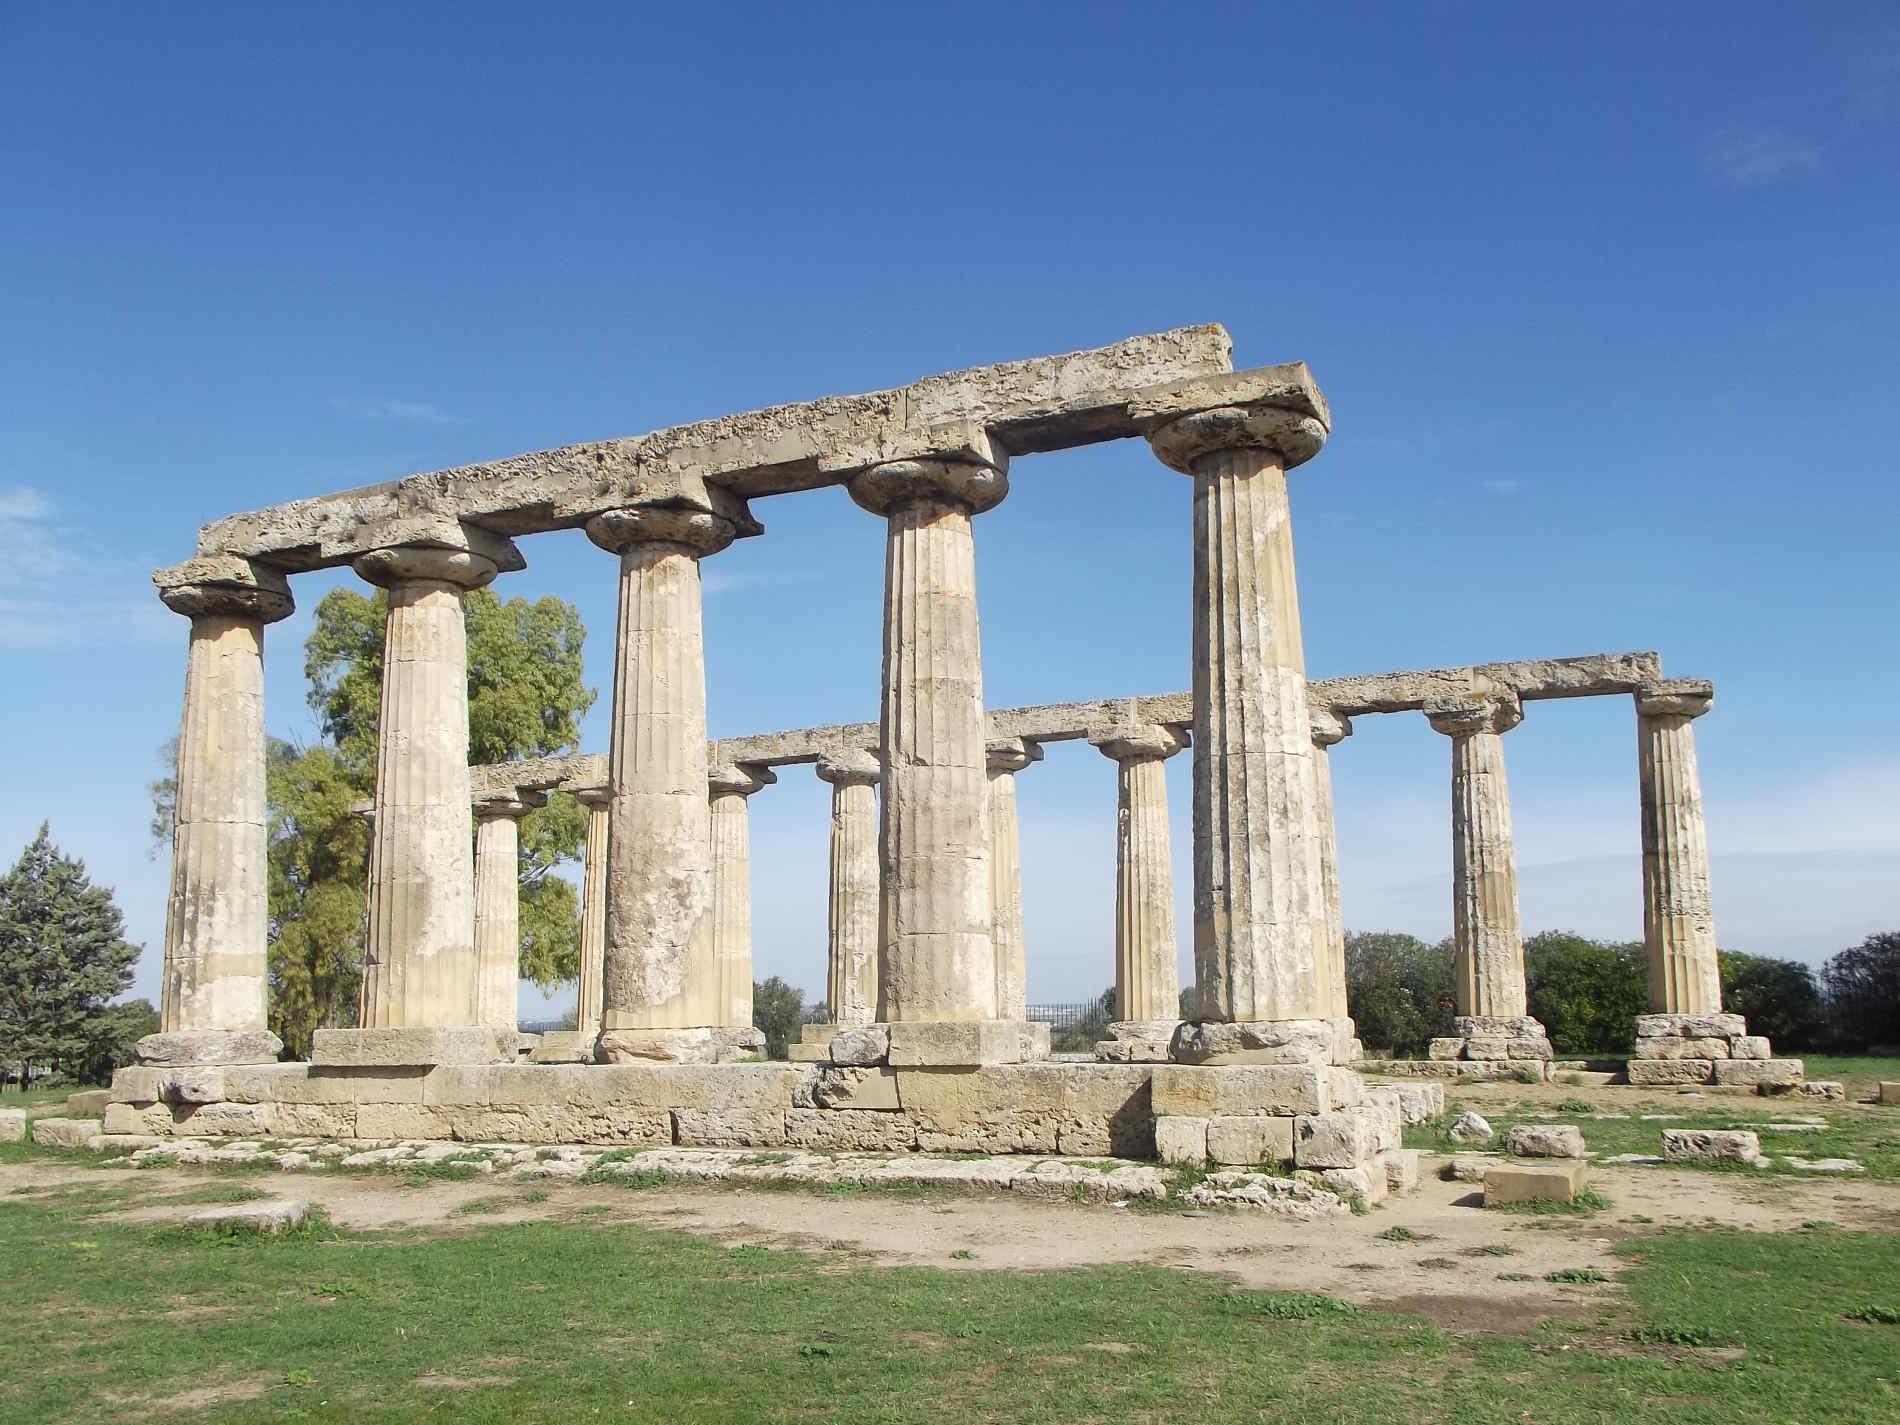 Viaggio nella storia attraverso 5 Borghi da visitare in Basilicata Metaponto , il tempio di Hera